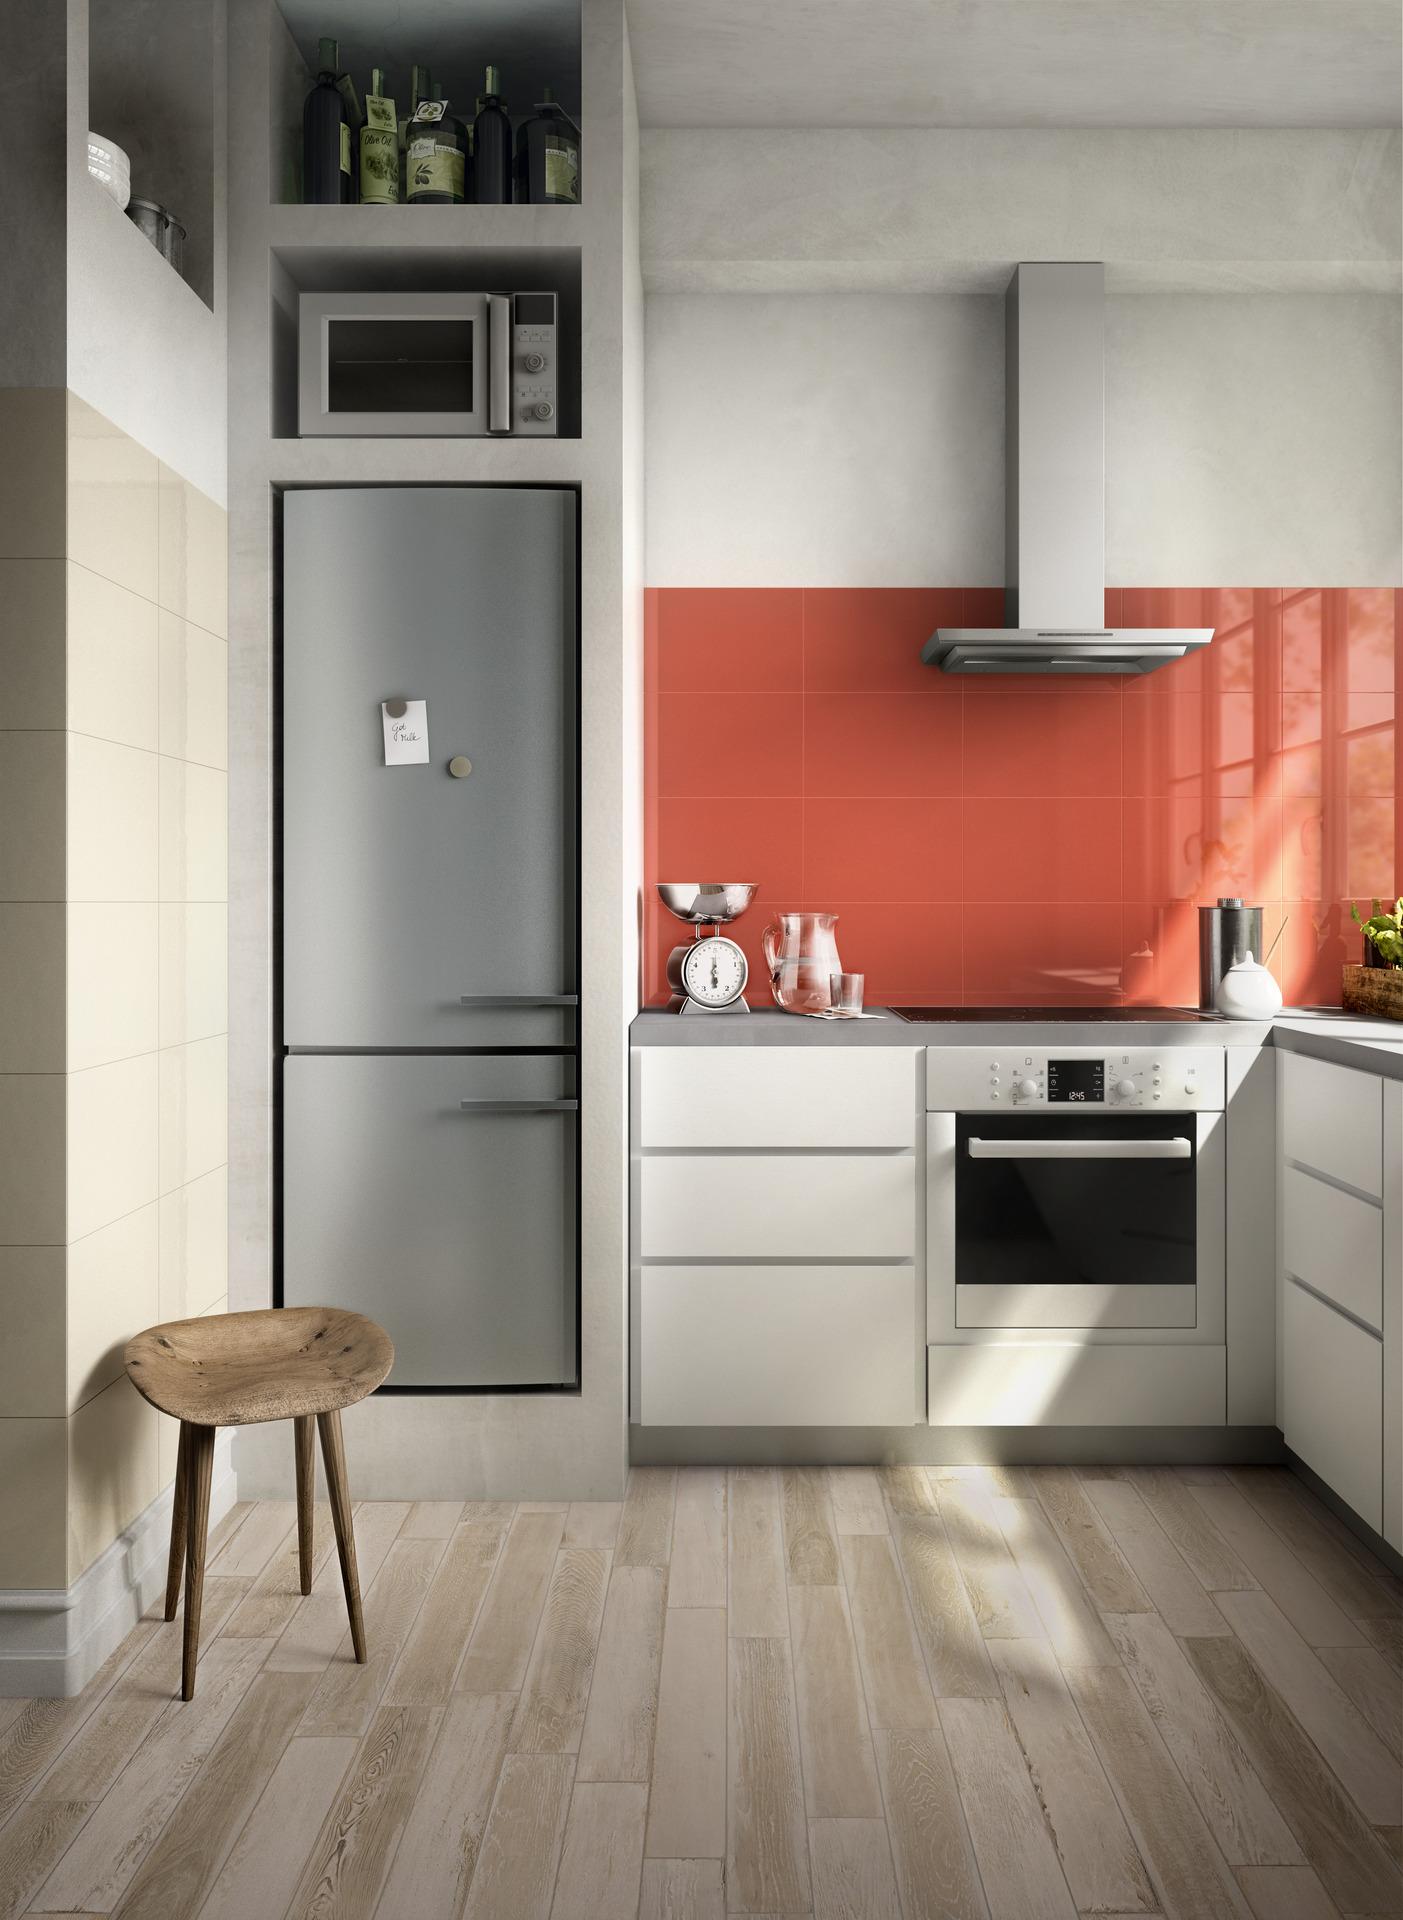 Piastrelle cucina versatilit ed eleganza ragno - Piastrelle cucina rosse ...